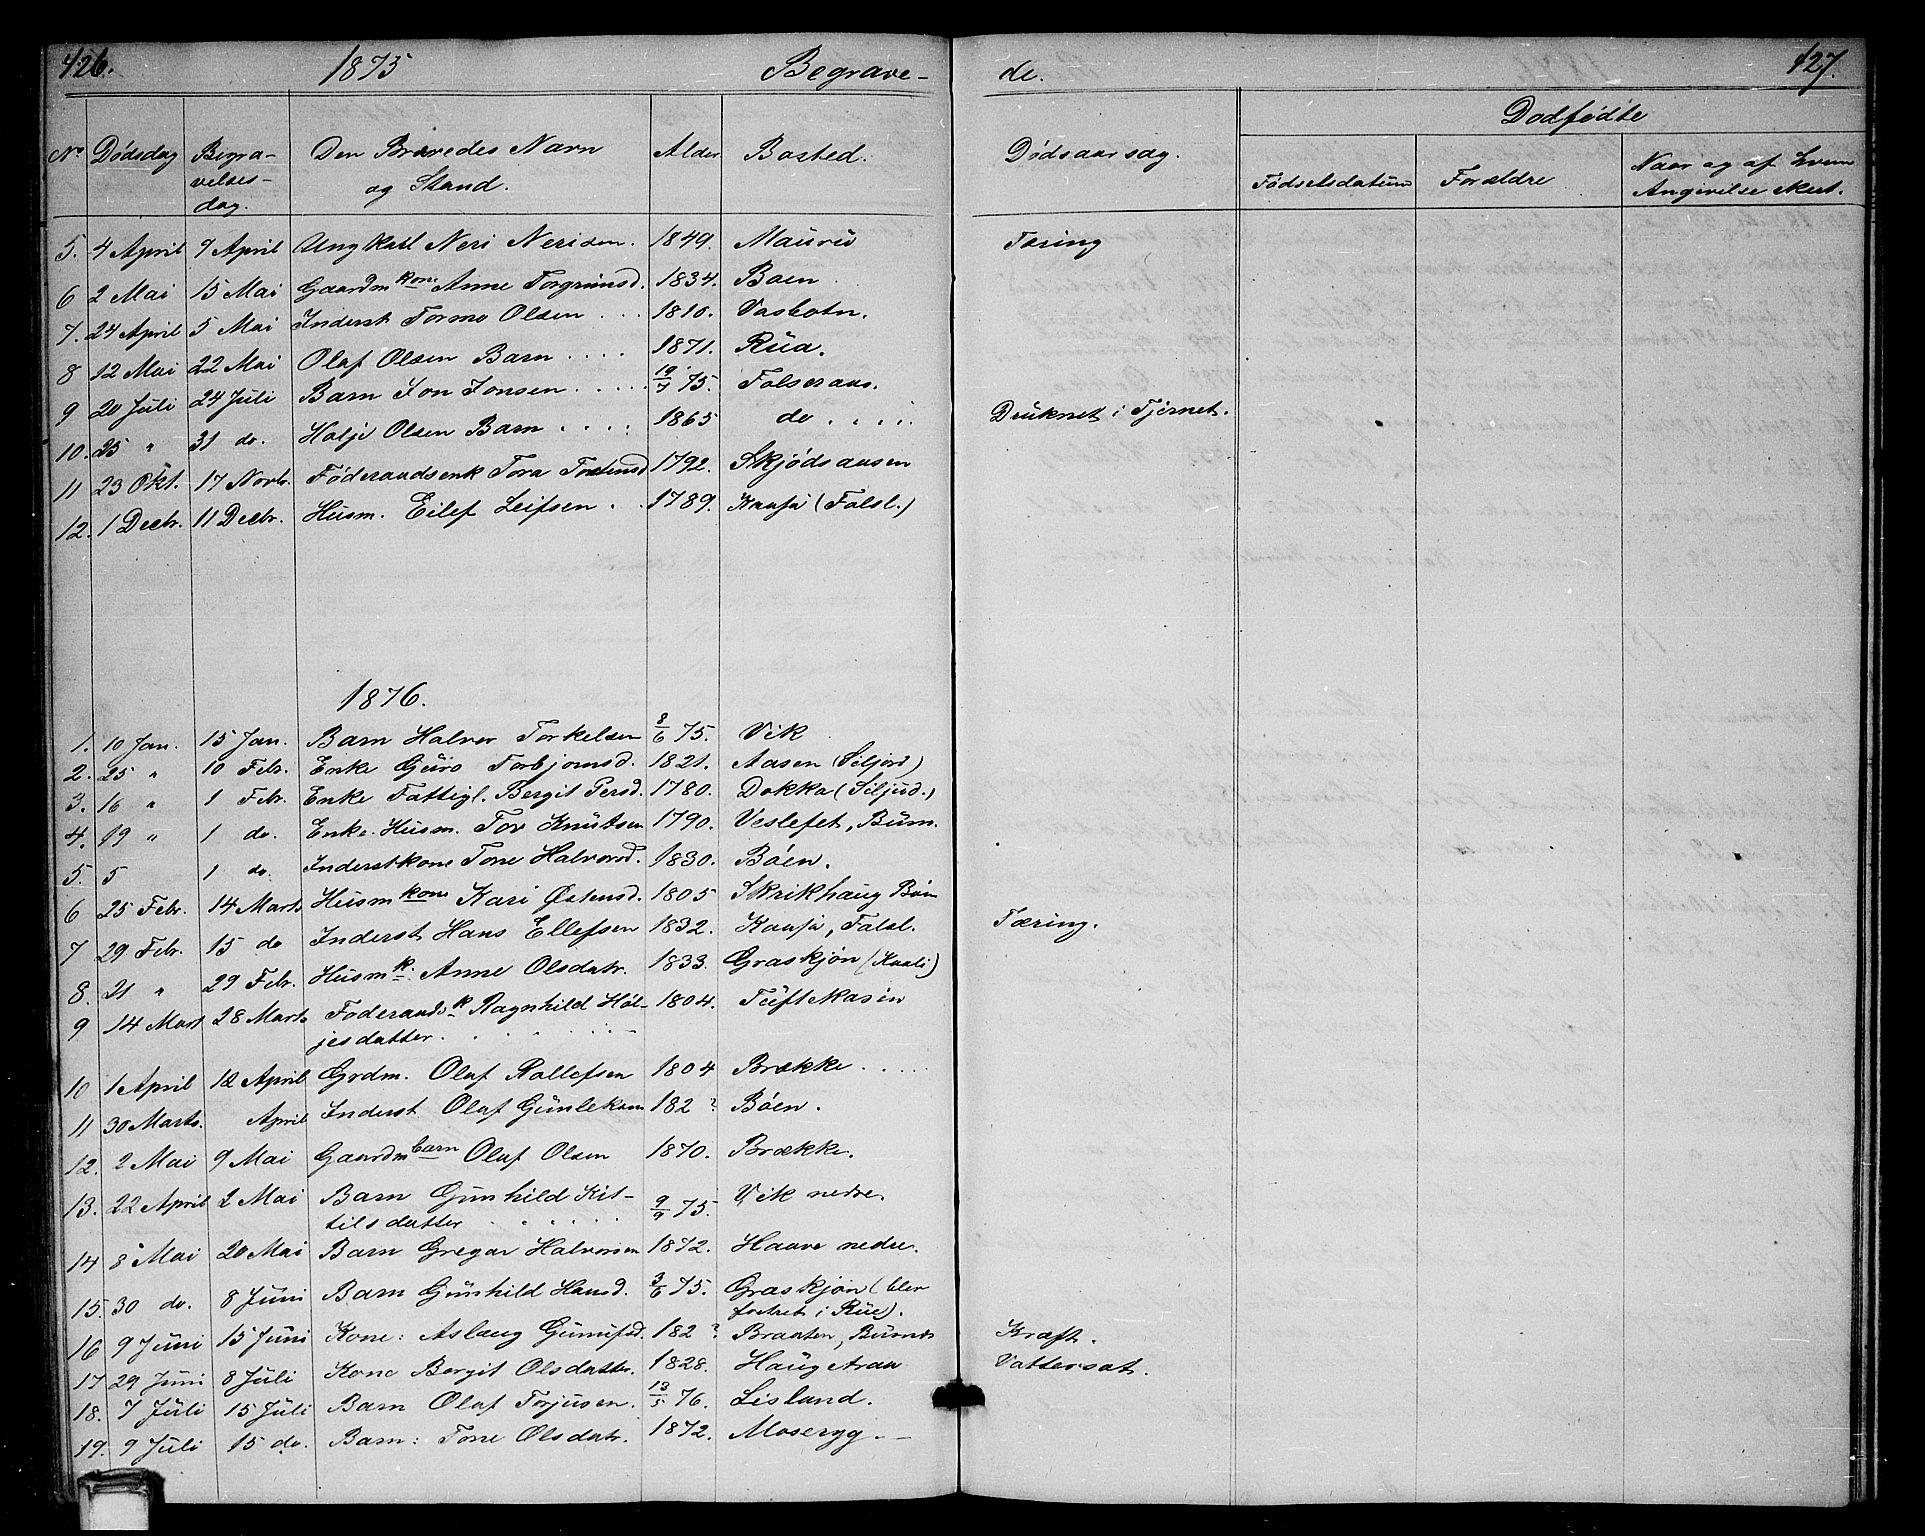 SAKO, Gransherad kirkebøker, G/Ga/L0002: Klokkerbok nr. I 2, 1854-1886, s. 426-427